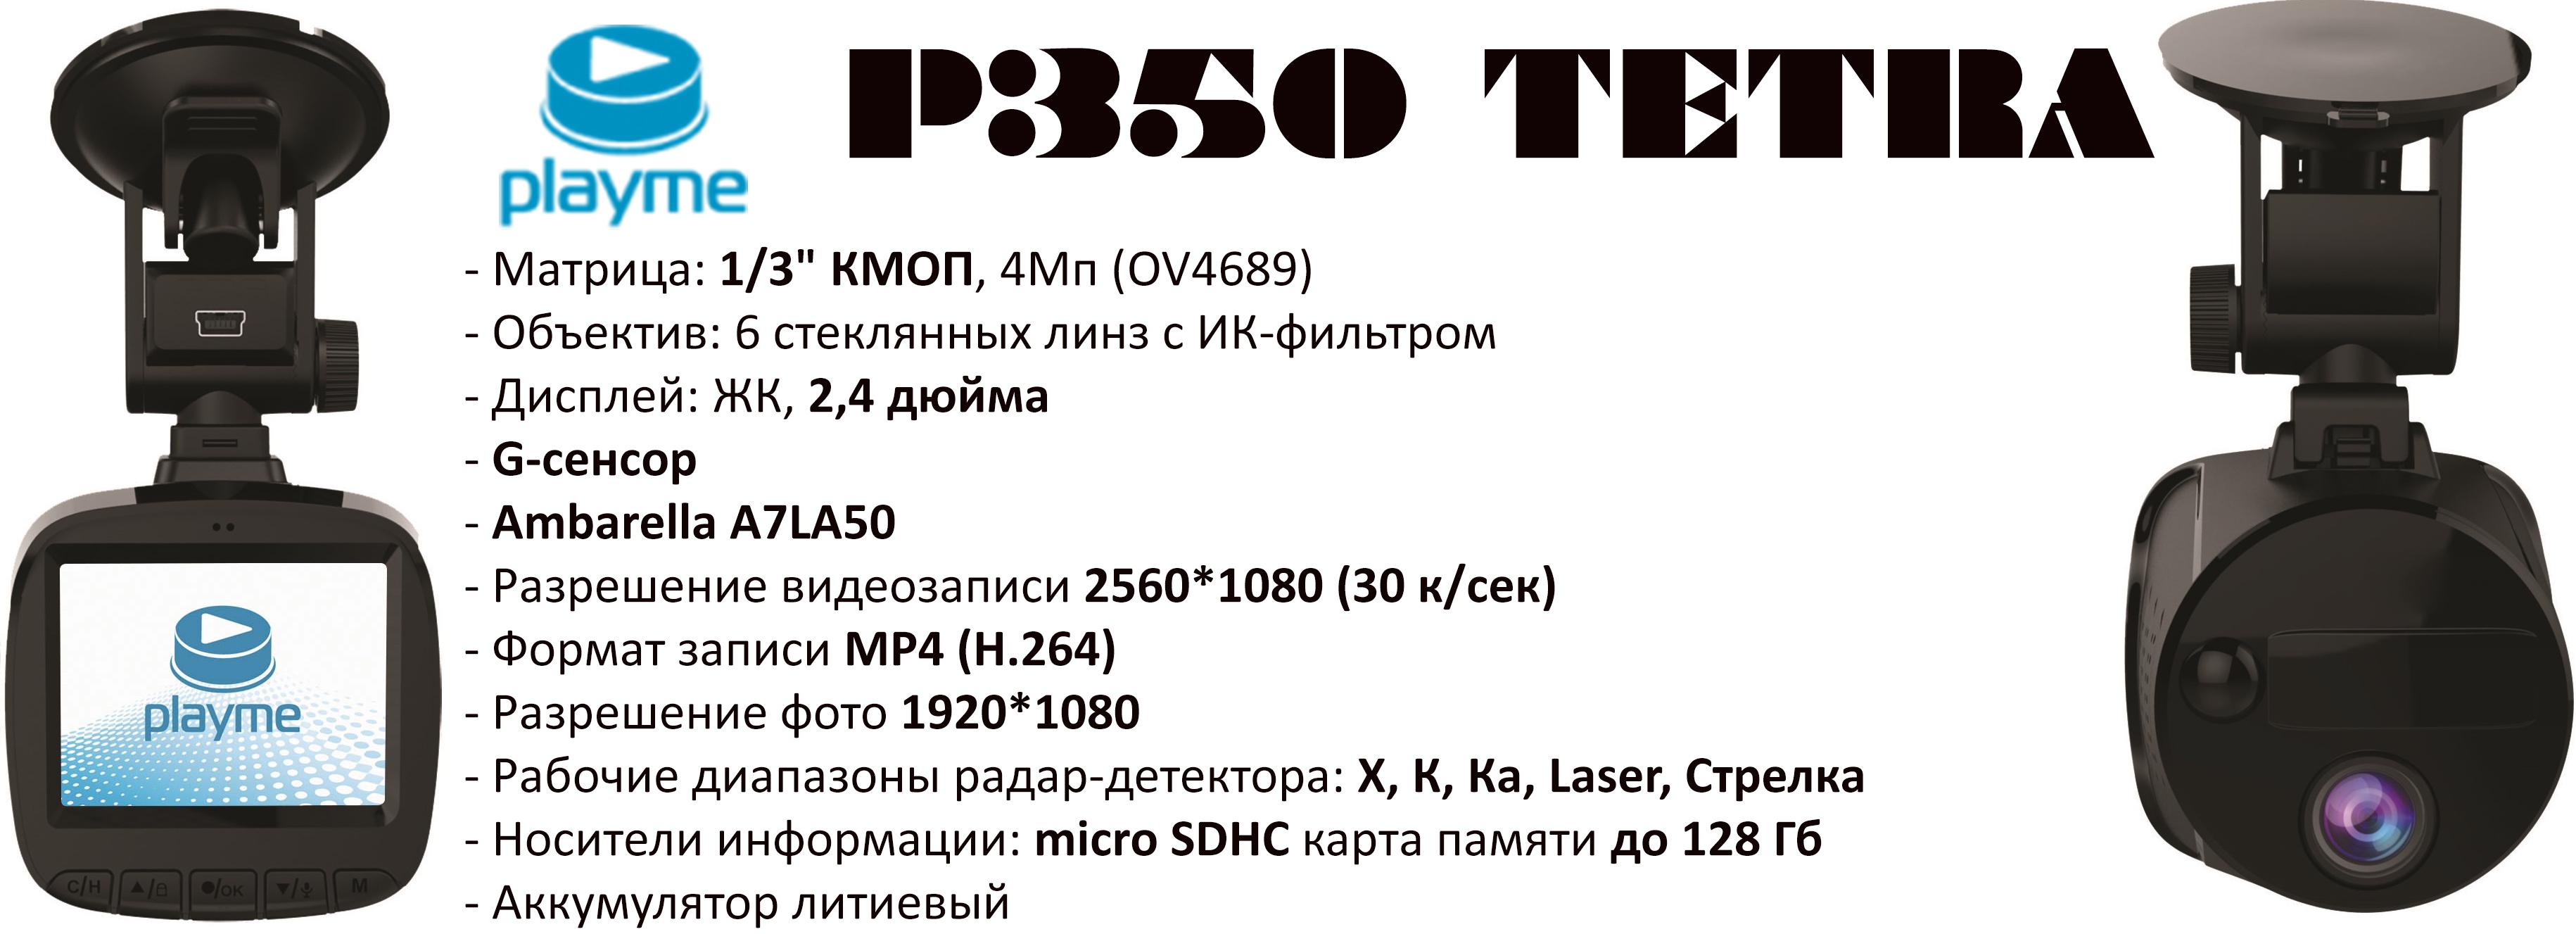 playme p350 tetra